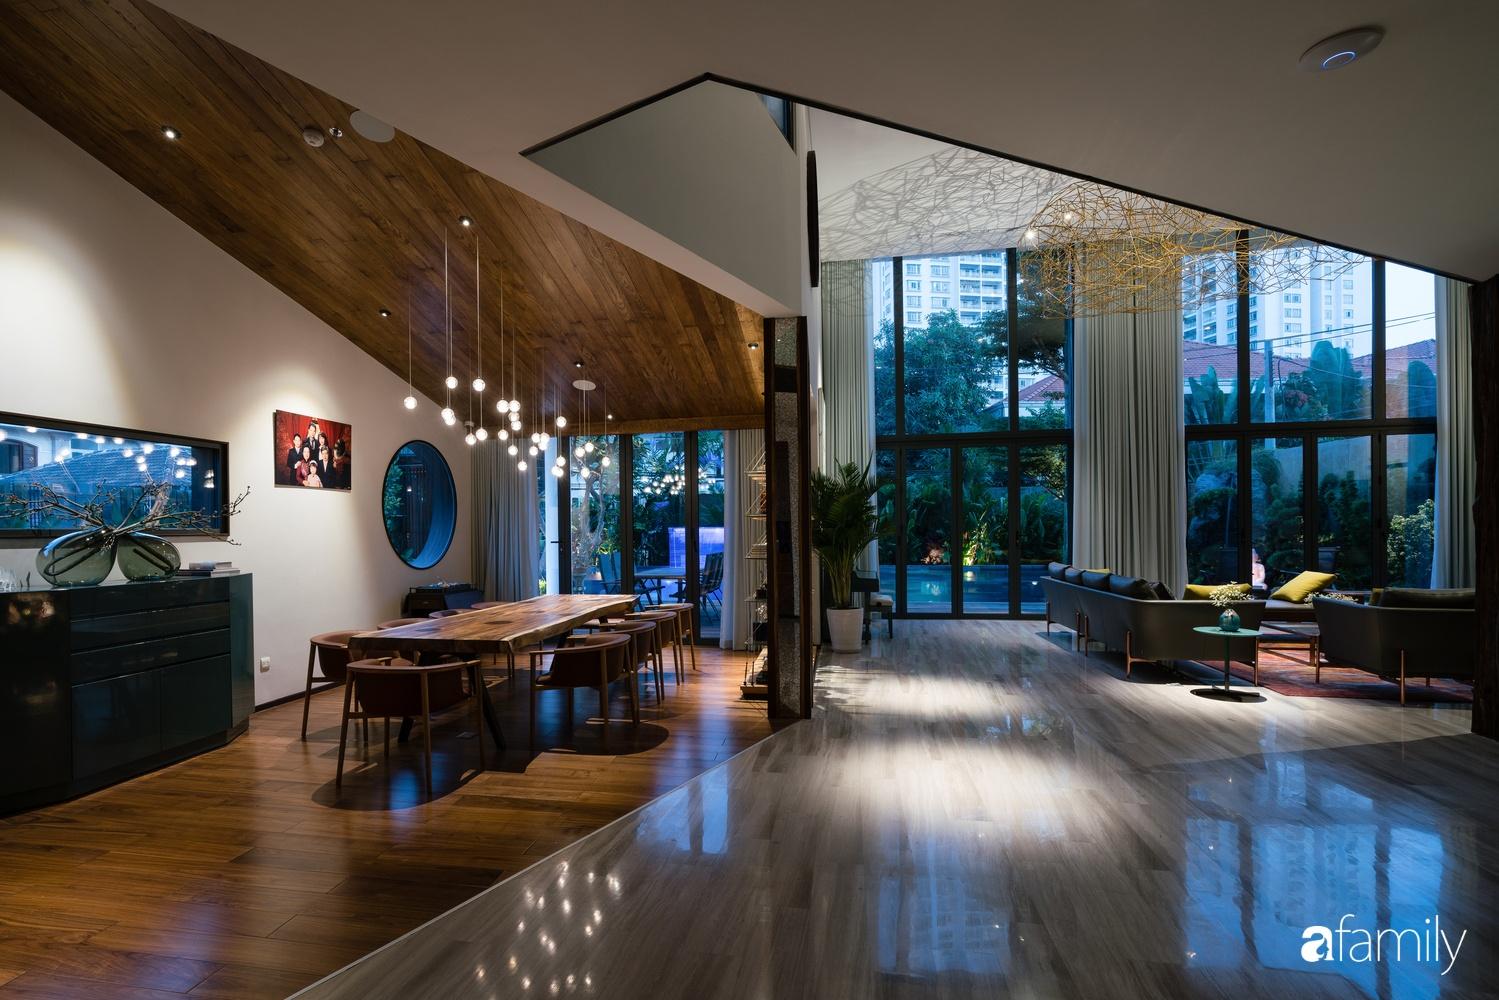 Biệt thự được xây nên nhờ chủ nhà truyền cảm hứng sáng tạo cho kiến trúc sư để tạo không gian xanh mát, sang trọng ở Quận 2, TP HCM - Ảnh 8.